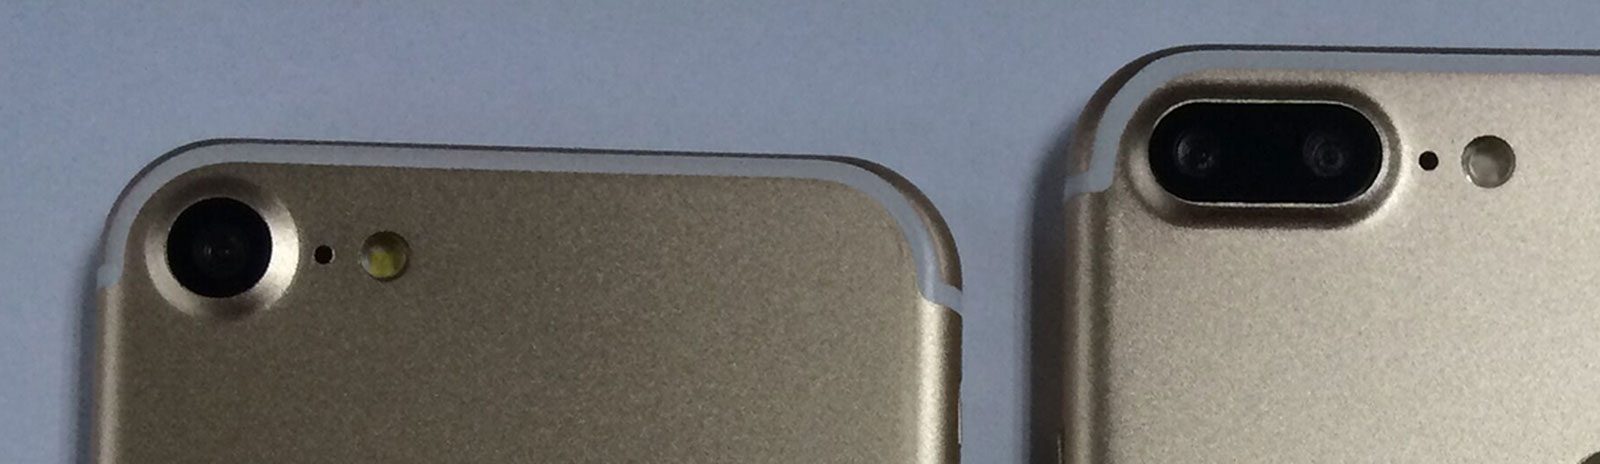 Borde de la cámara en el supuesto iPhone 7